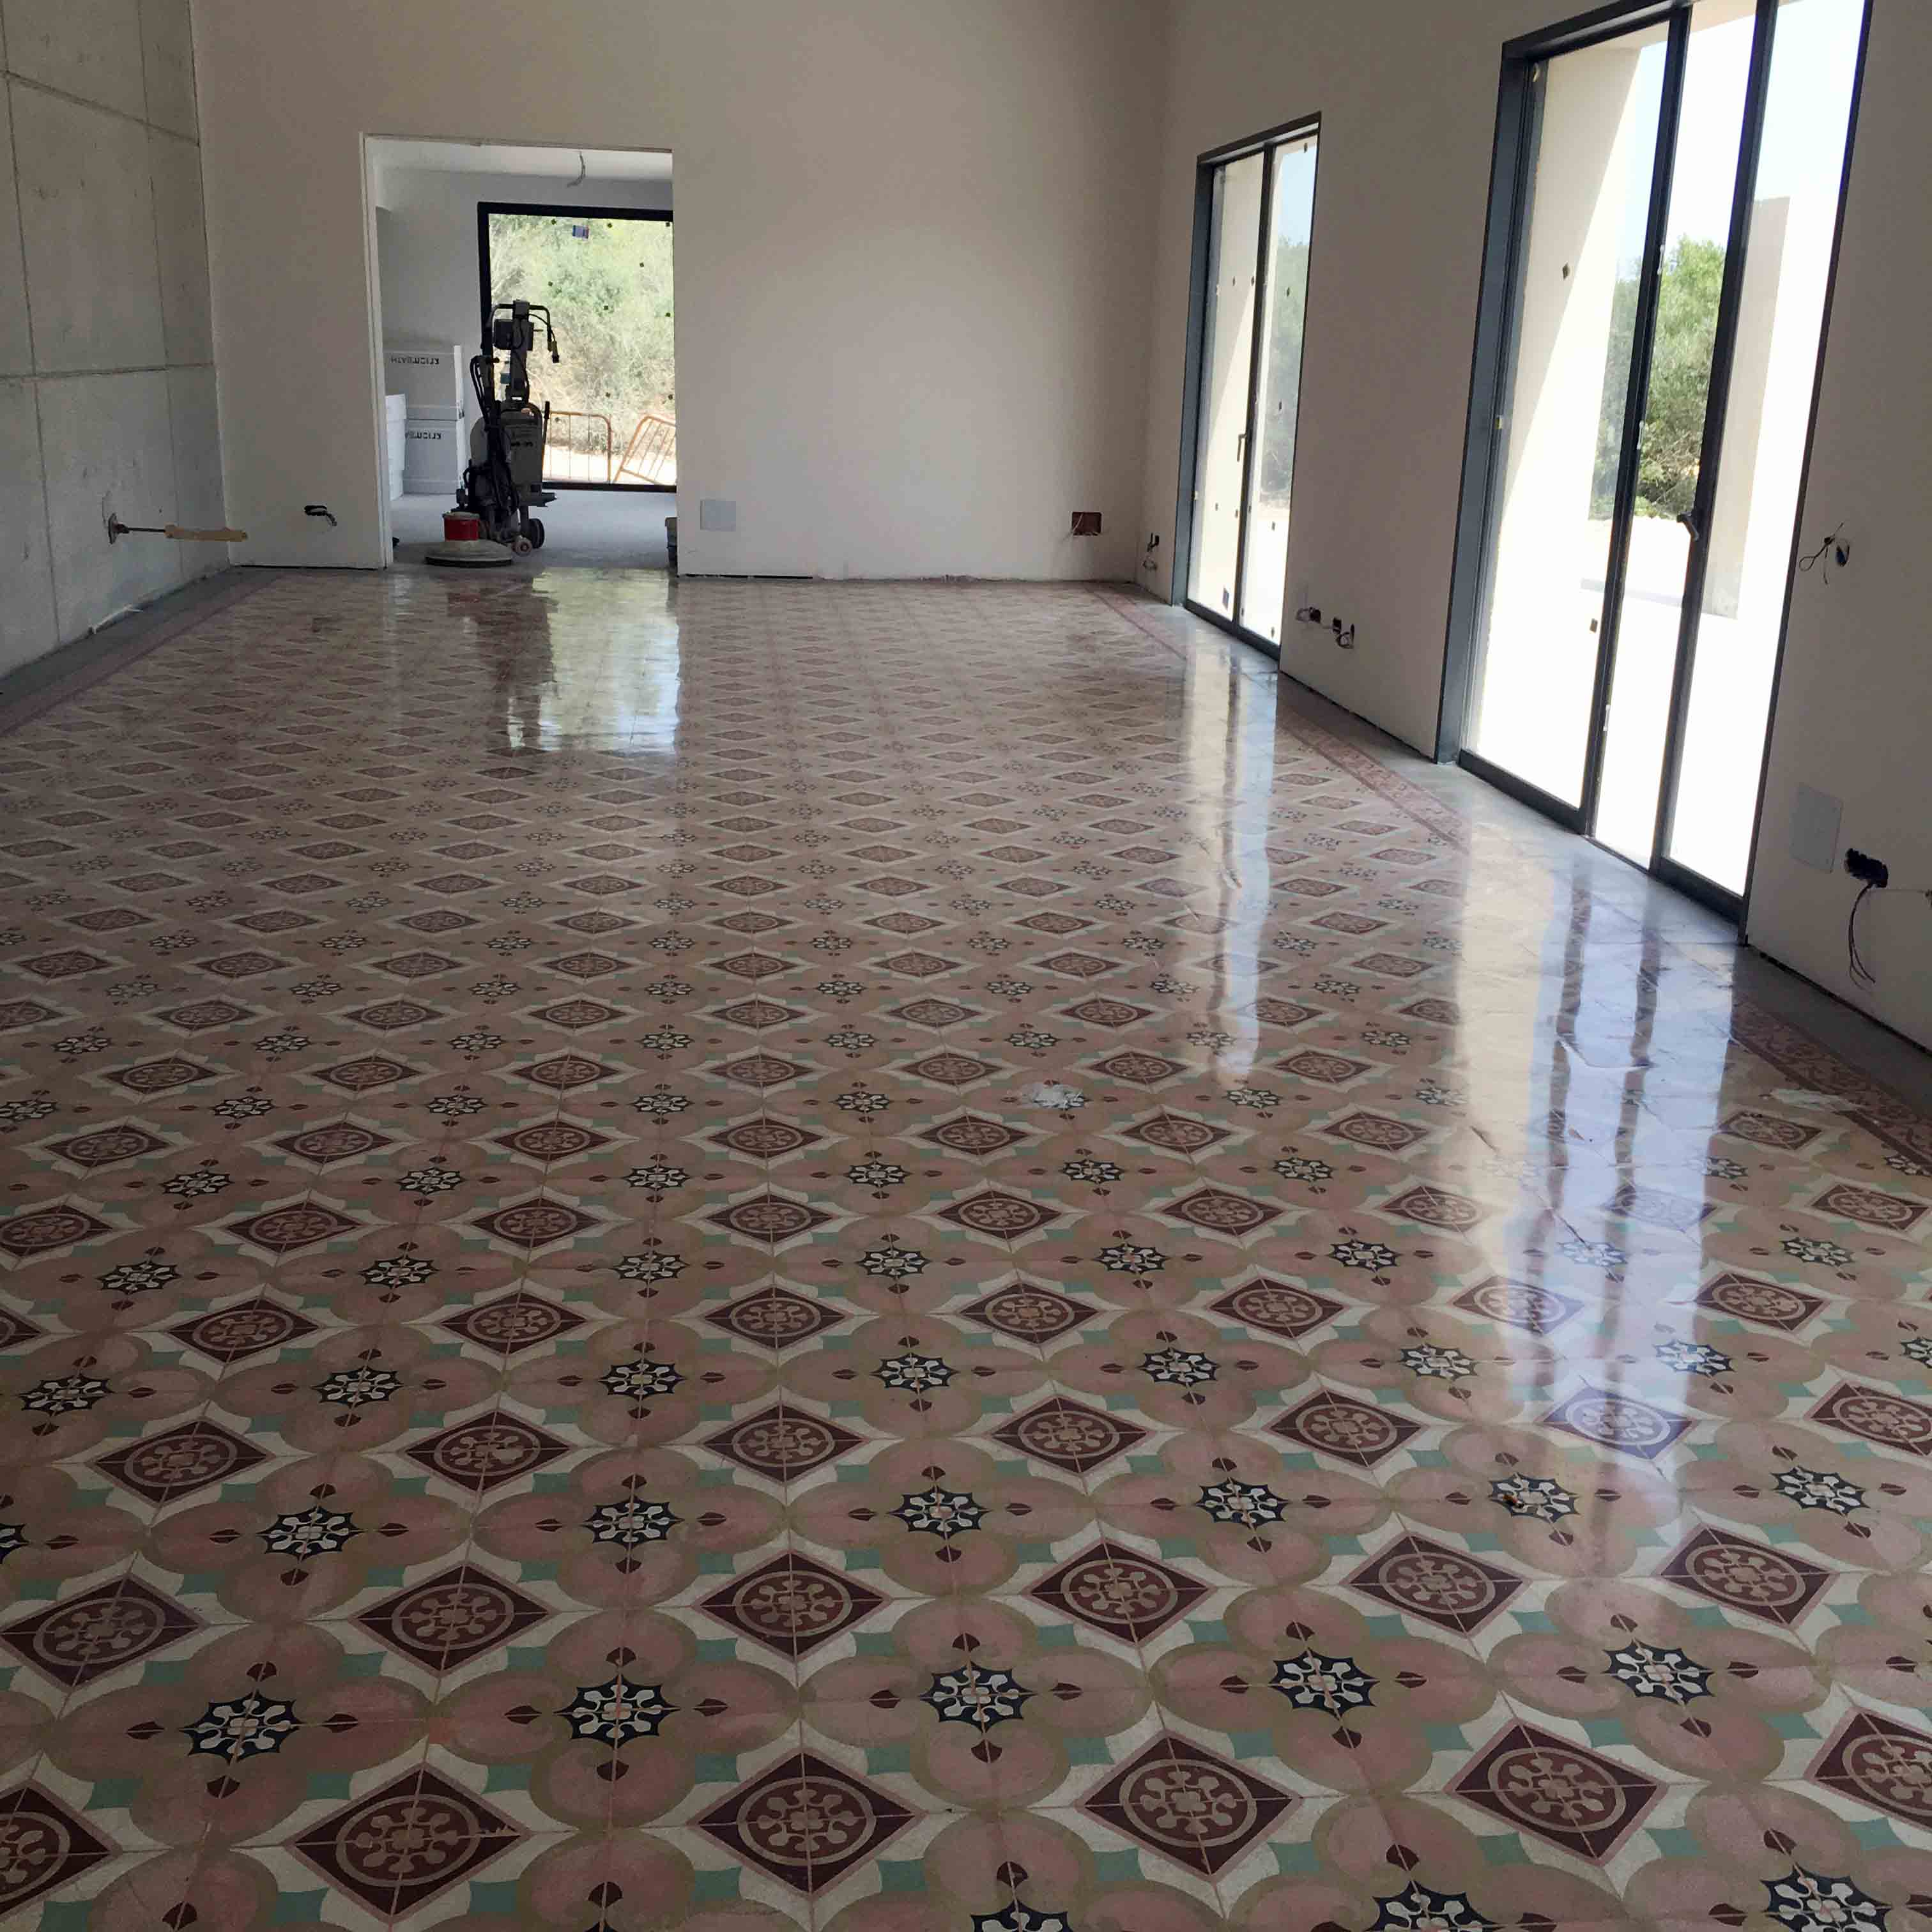 MosaicosBarcelona-Recuperacción-abrillantado-y-acristalado-de-suelos-de-mosaico-hidraulico-en-vivienda-en-Mallorca-Baleares-24